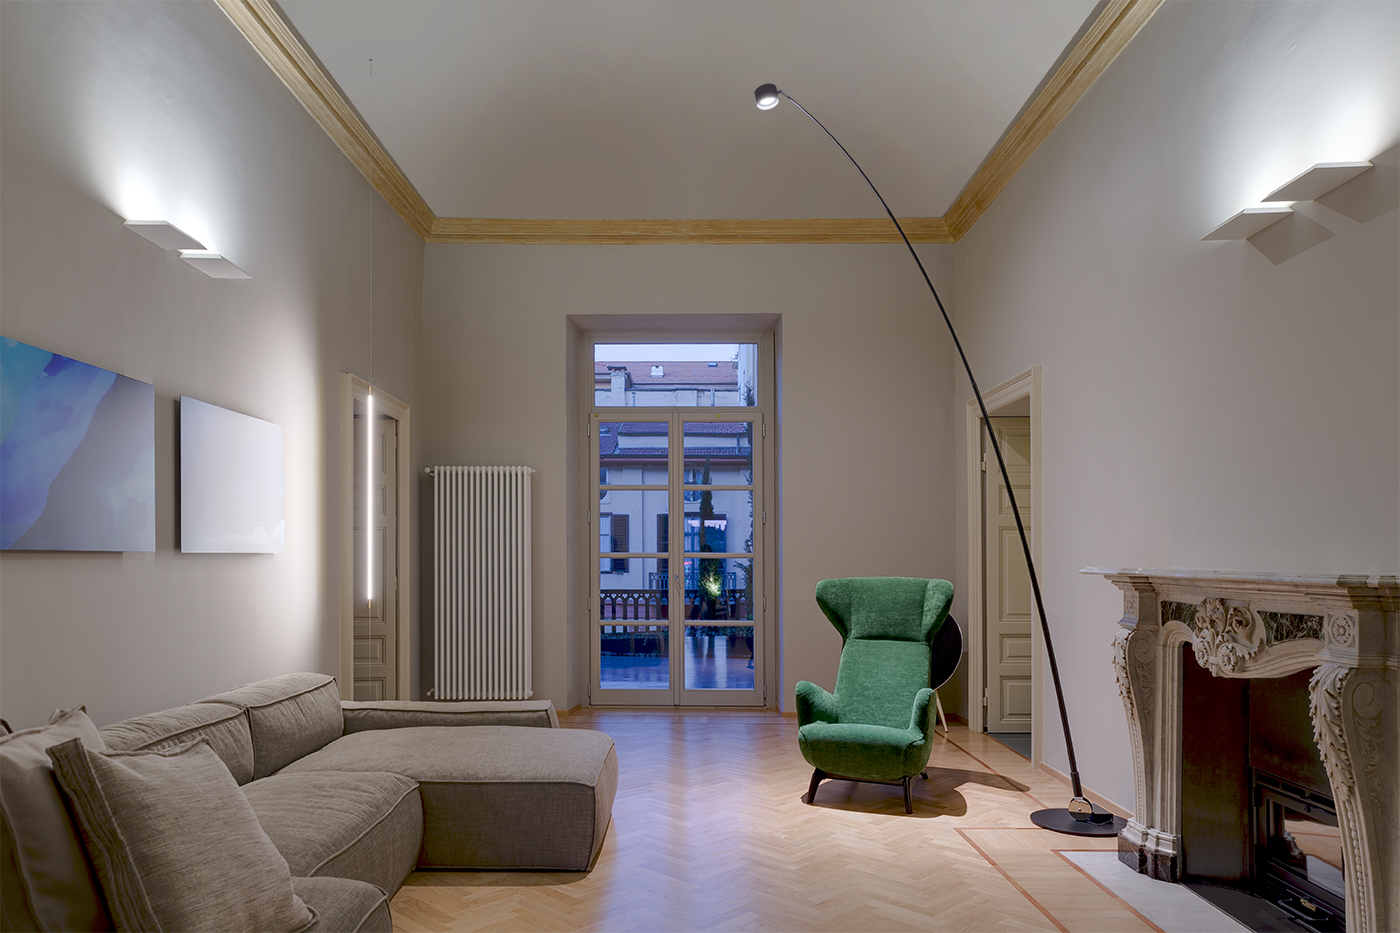 Idee per arredare la vostra casa con le lampade cosa mi for Lampade per casa